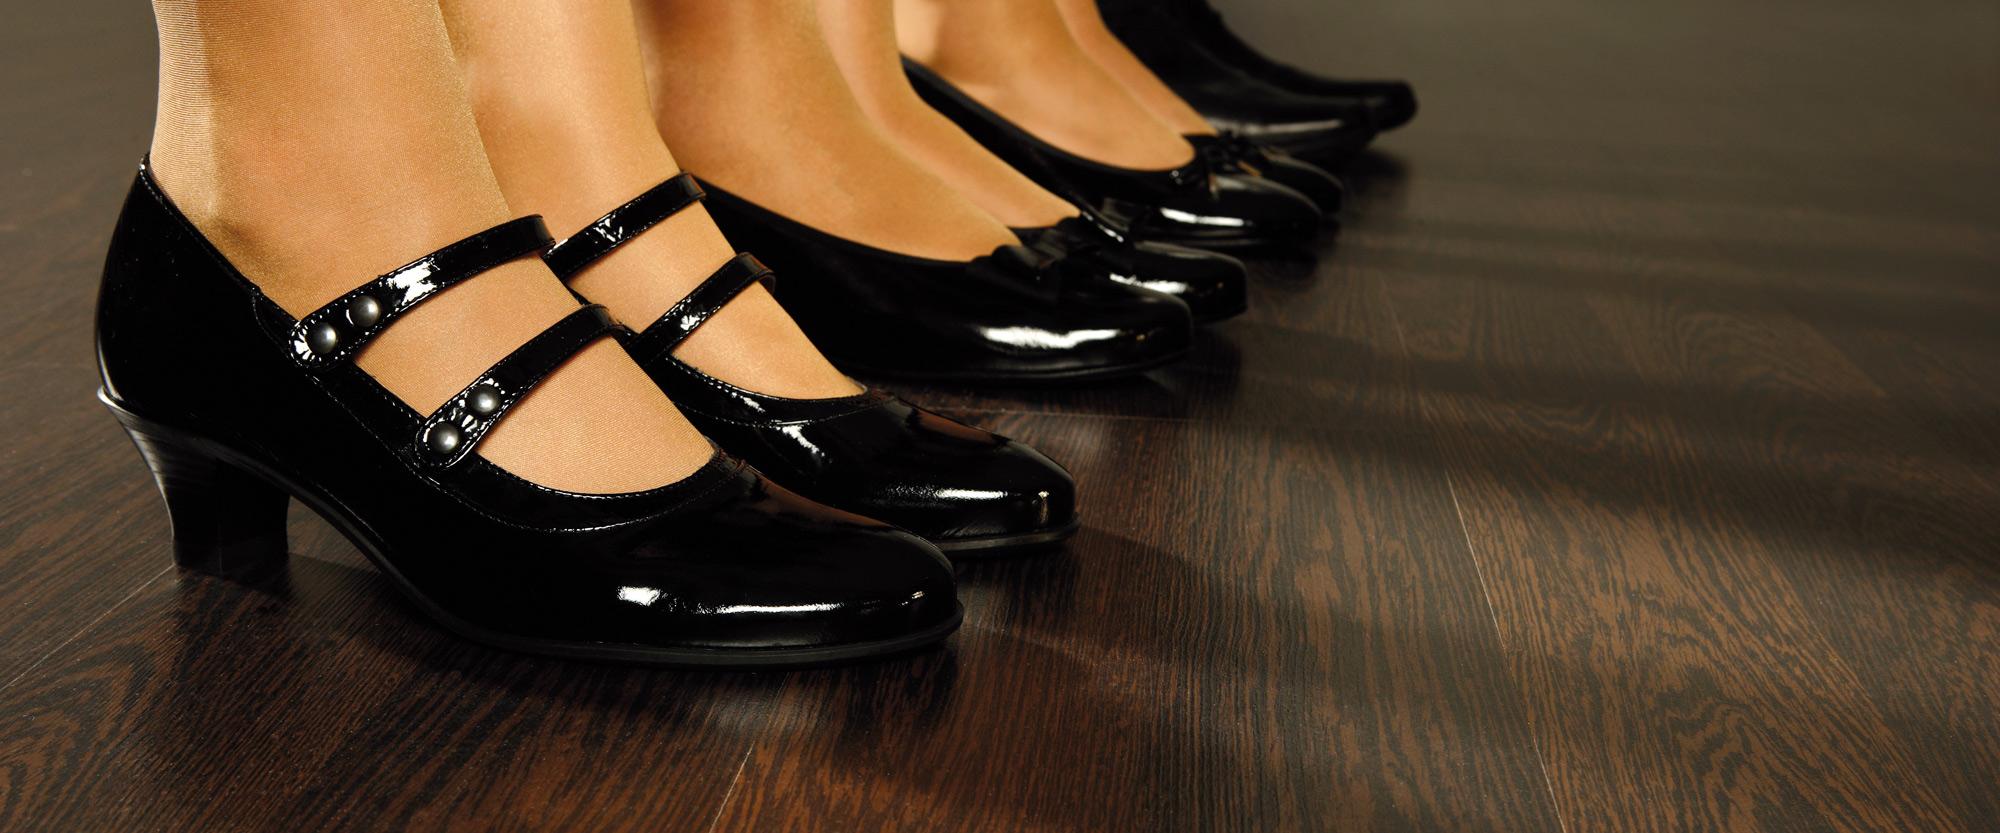 wineo Trittschalldämmung Holzfußboden Schuhe Füße